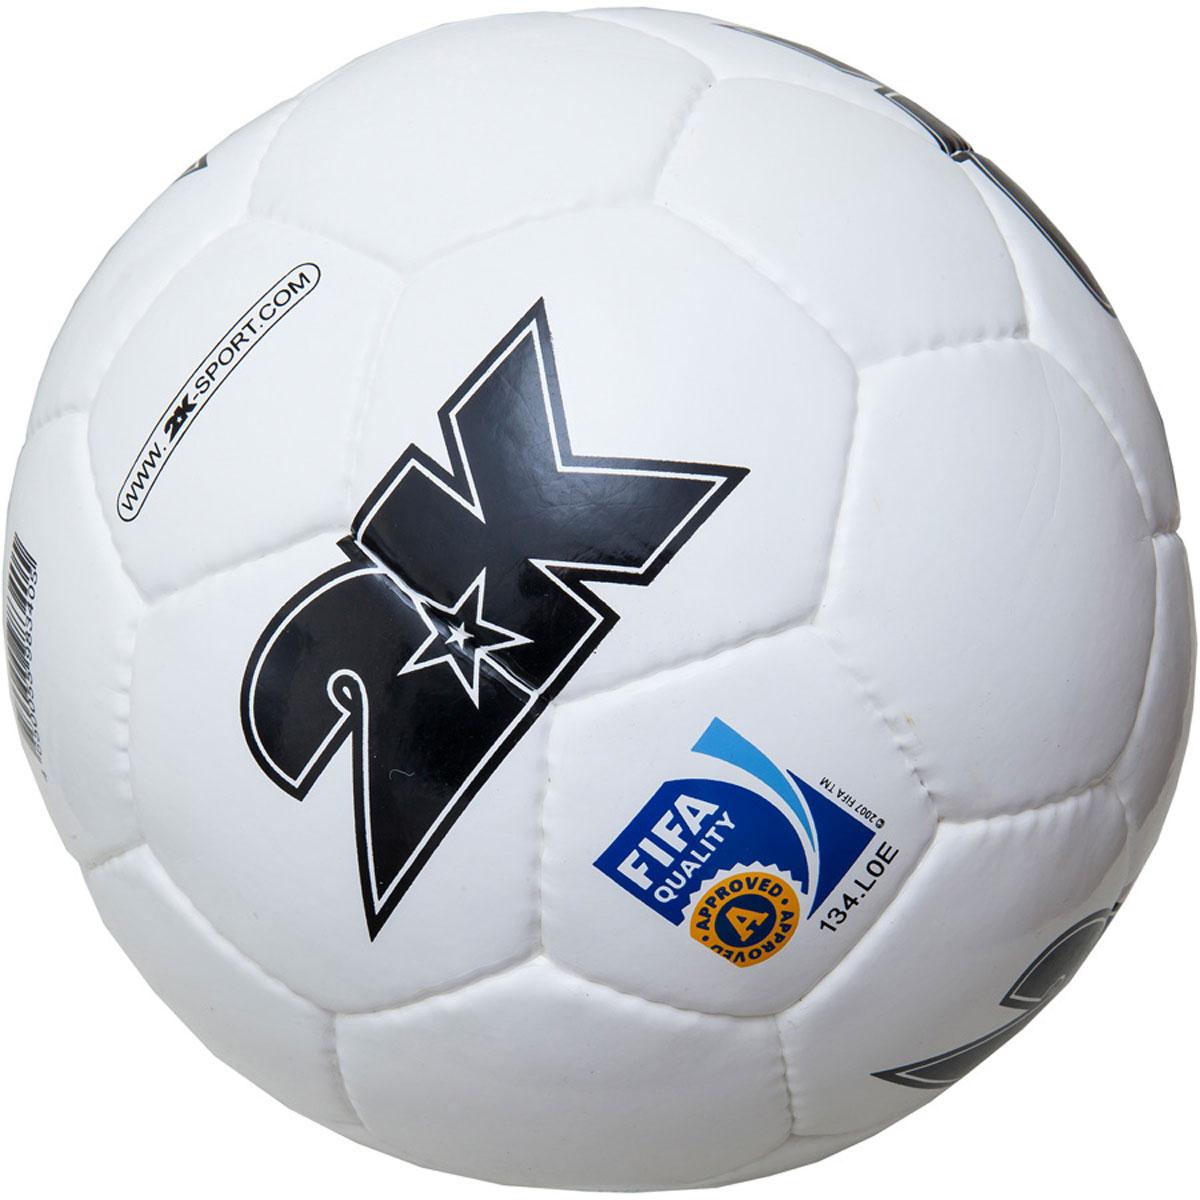 Мяч футбольный 2K Sport Elite, цвет: белый, черный. Размер 5127053Профессиональный футбольный мяч 2K Sport Elite одобрен FIFA для проведения соревнований высшей категории. Мяч состоит из 32 панелей ручной сшивки. Швы проклеены для герметизации. Мяч выполнен из переливающегося ламинированного полиуретана. Имеется три подкладочных слоя из эксклюзивной ткани - смеси хлопка с полиэстером. Идеально сбалансированная бесшовная камера изготовлена из натурального латекса. Сертификат FIFA Approved.